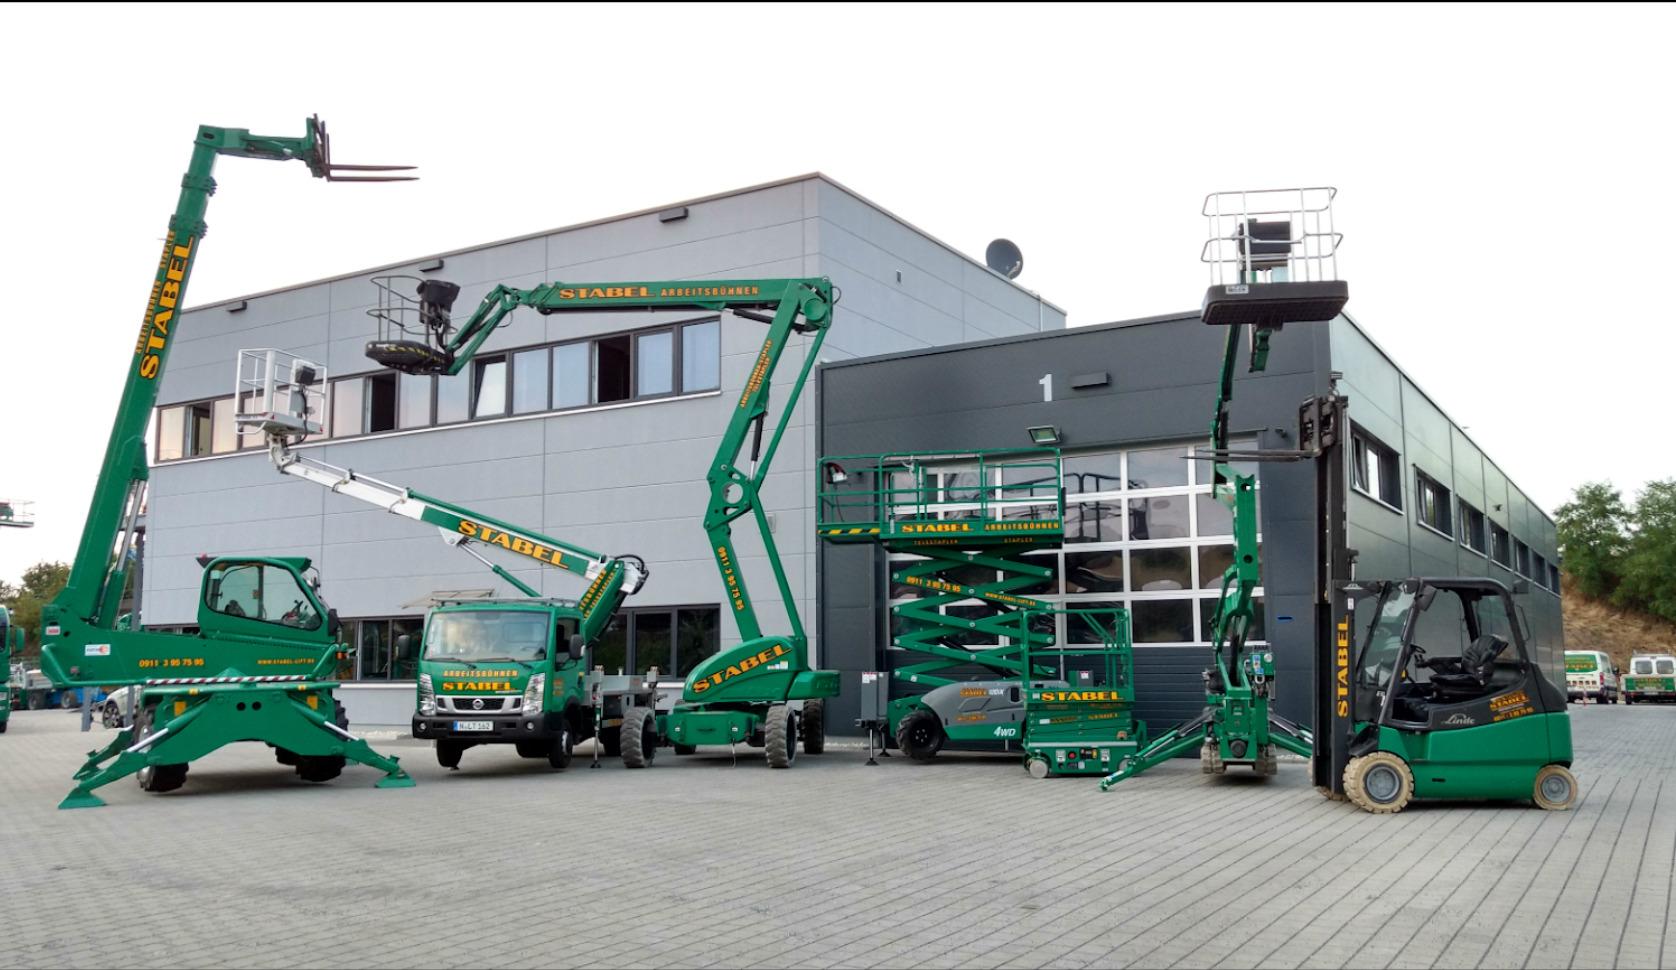 Arbeitsbühnen Stabel GmbH Arbeitsbühnen & Stapler Amberg